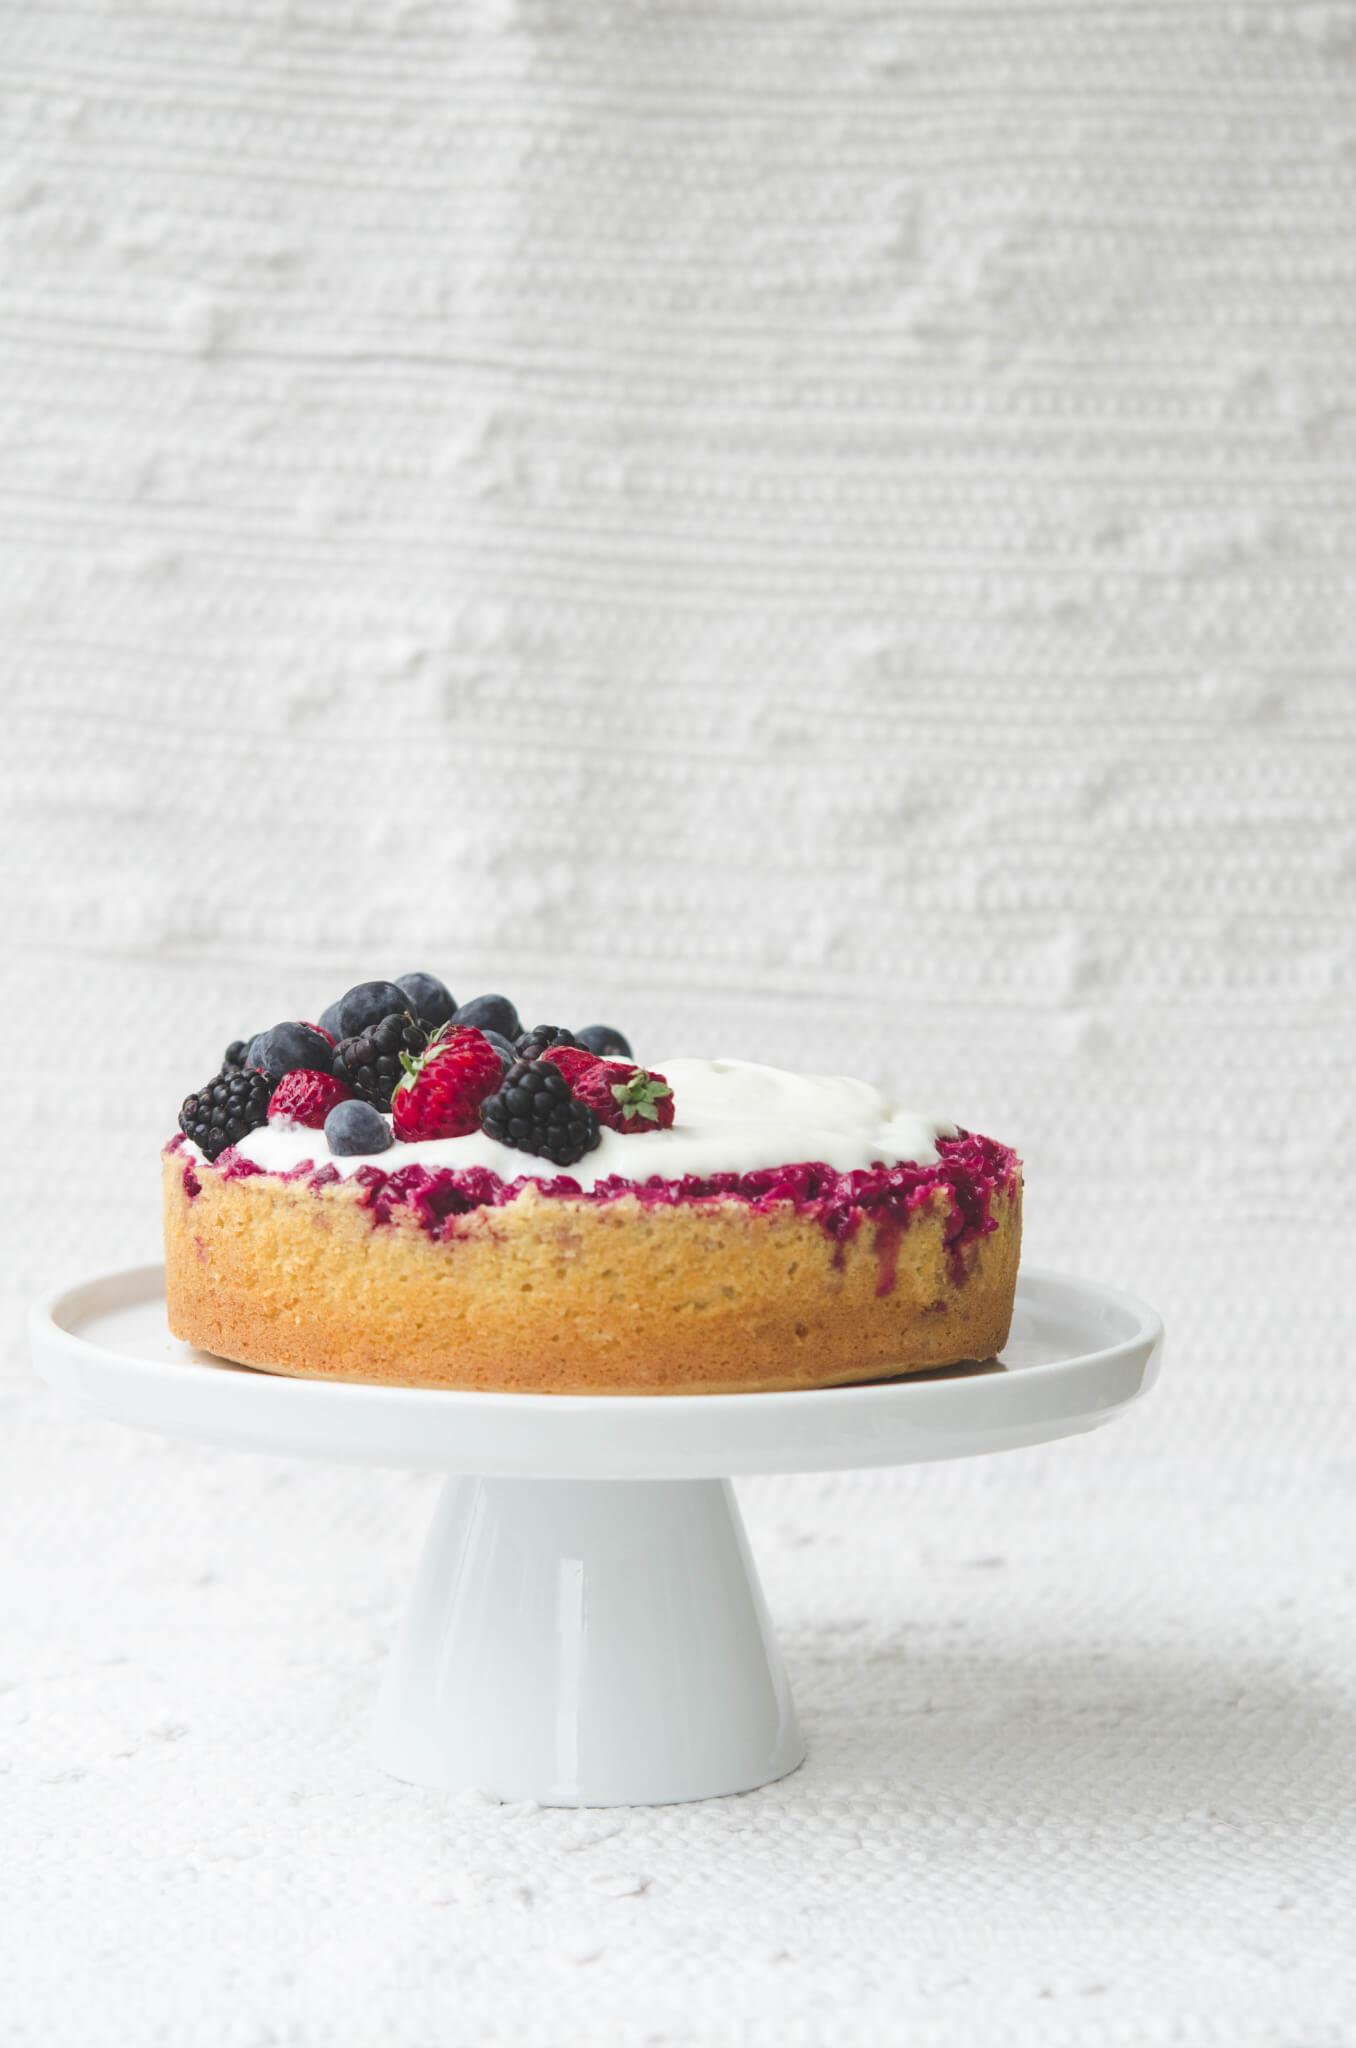 Lingonberry Cake with Skyr Cream